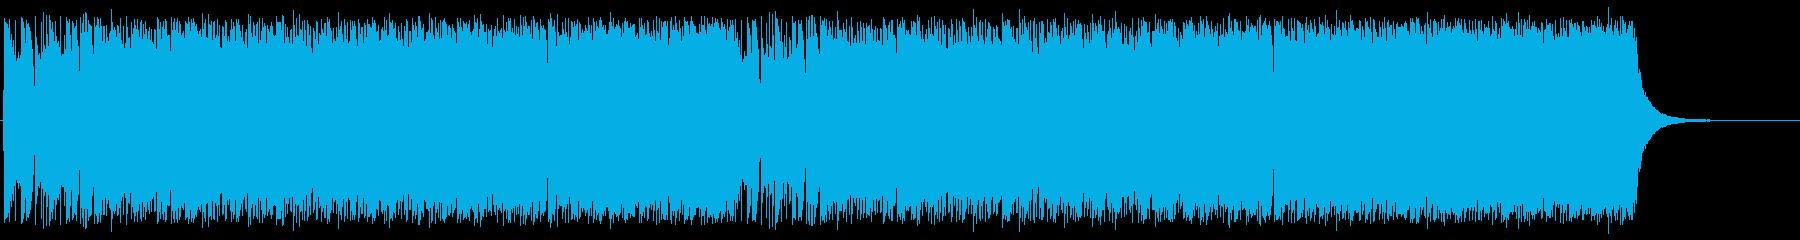 ポップでアップテンポな木琴混じりの曲の再生済みの波形